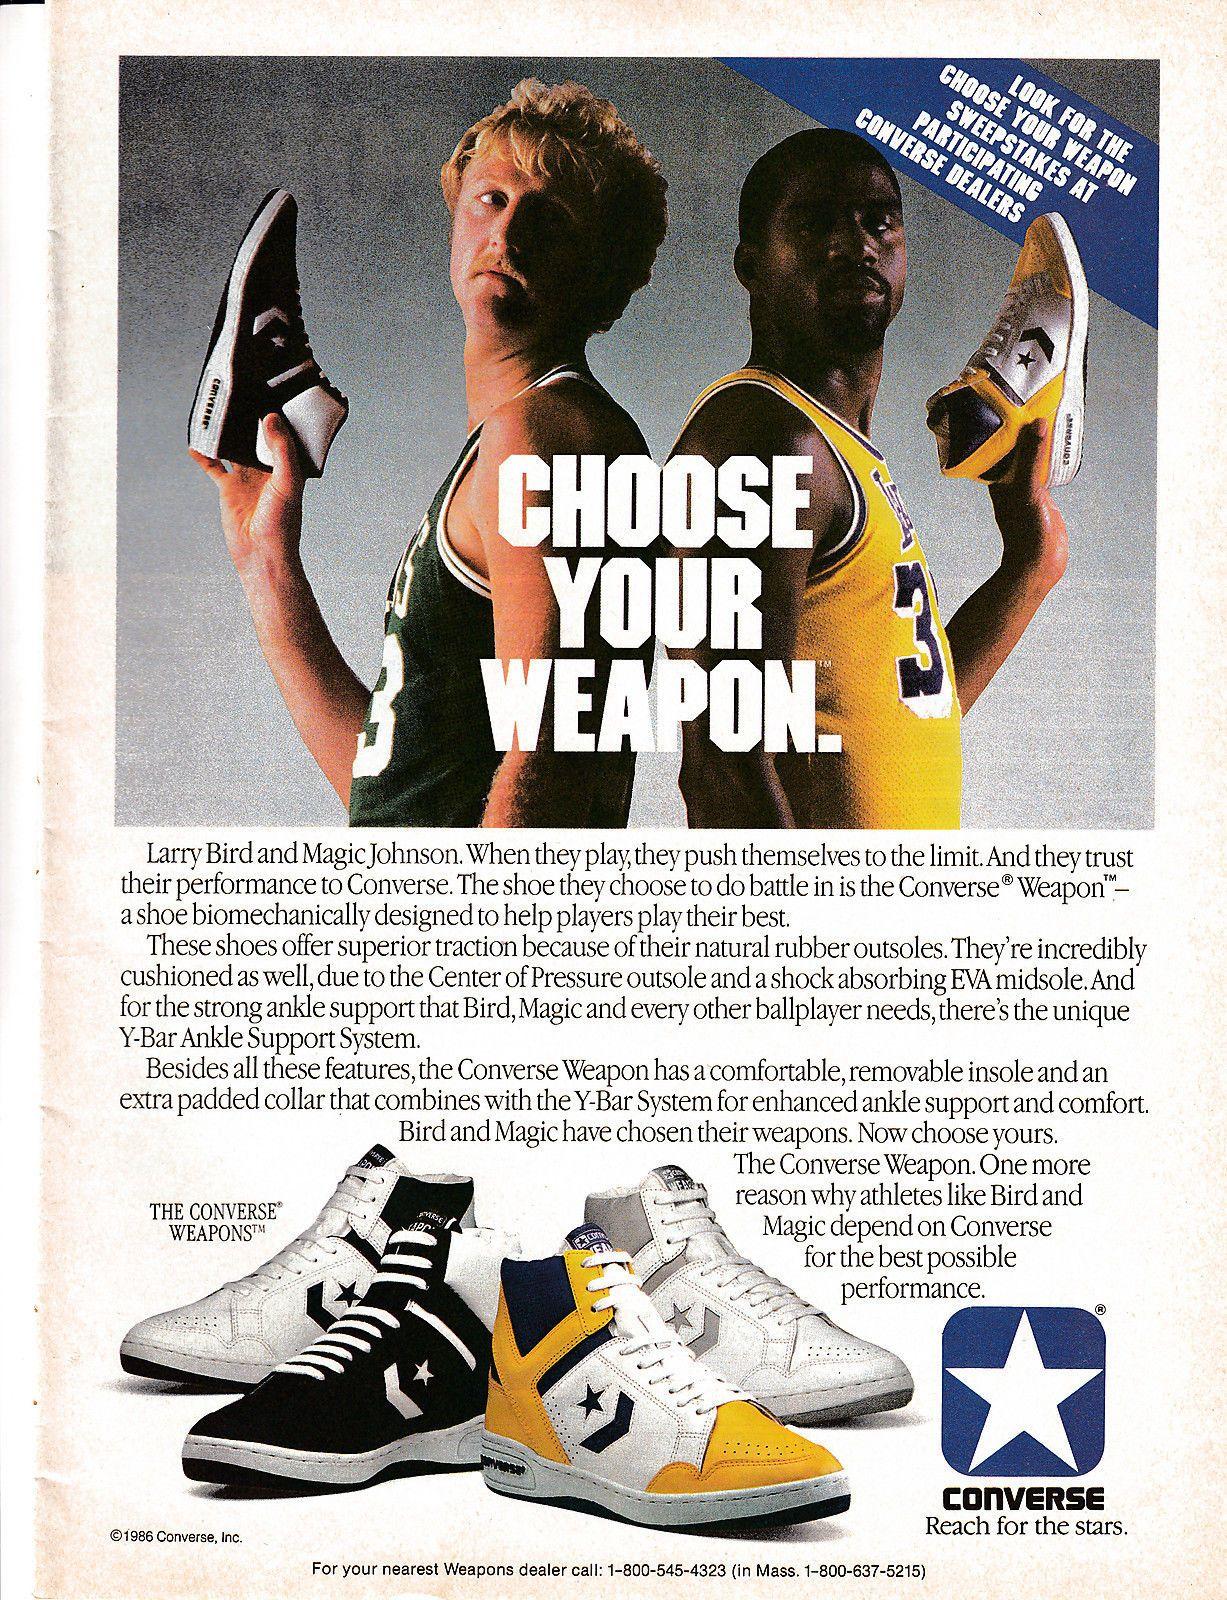 Details about 1987 Converse Weapon Shoes Vintage Magazine Ad